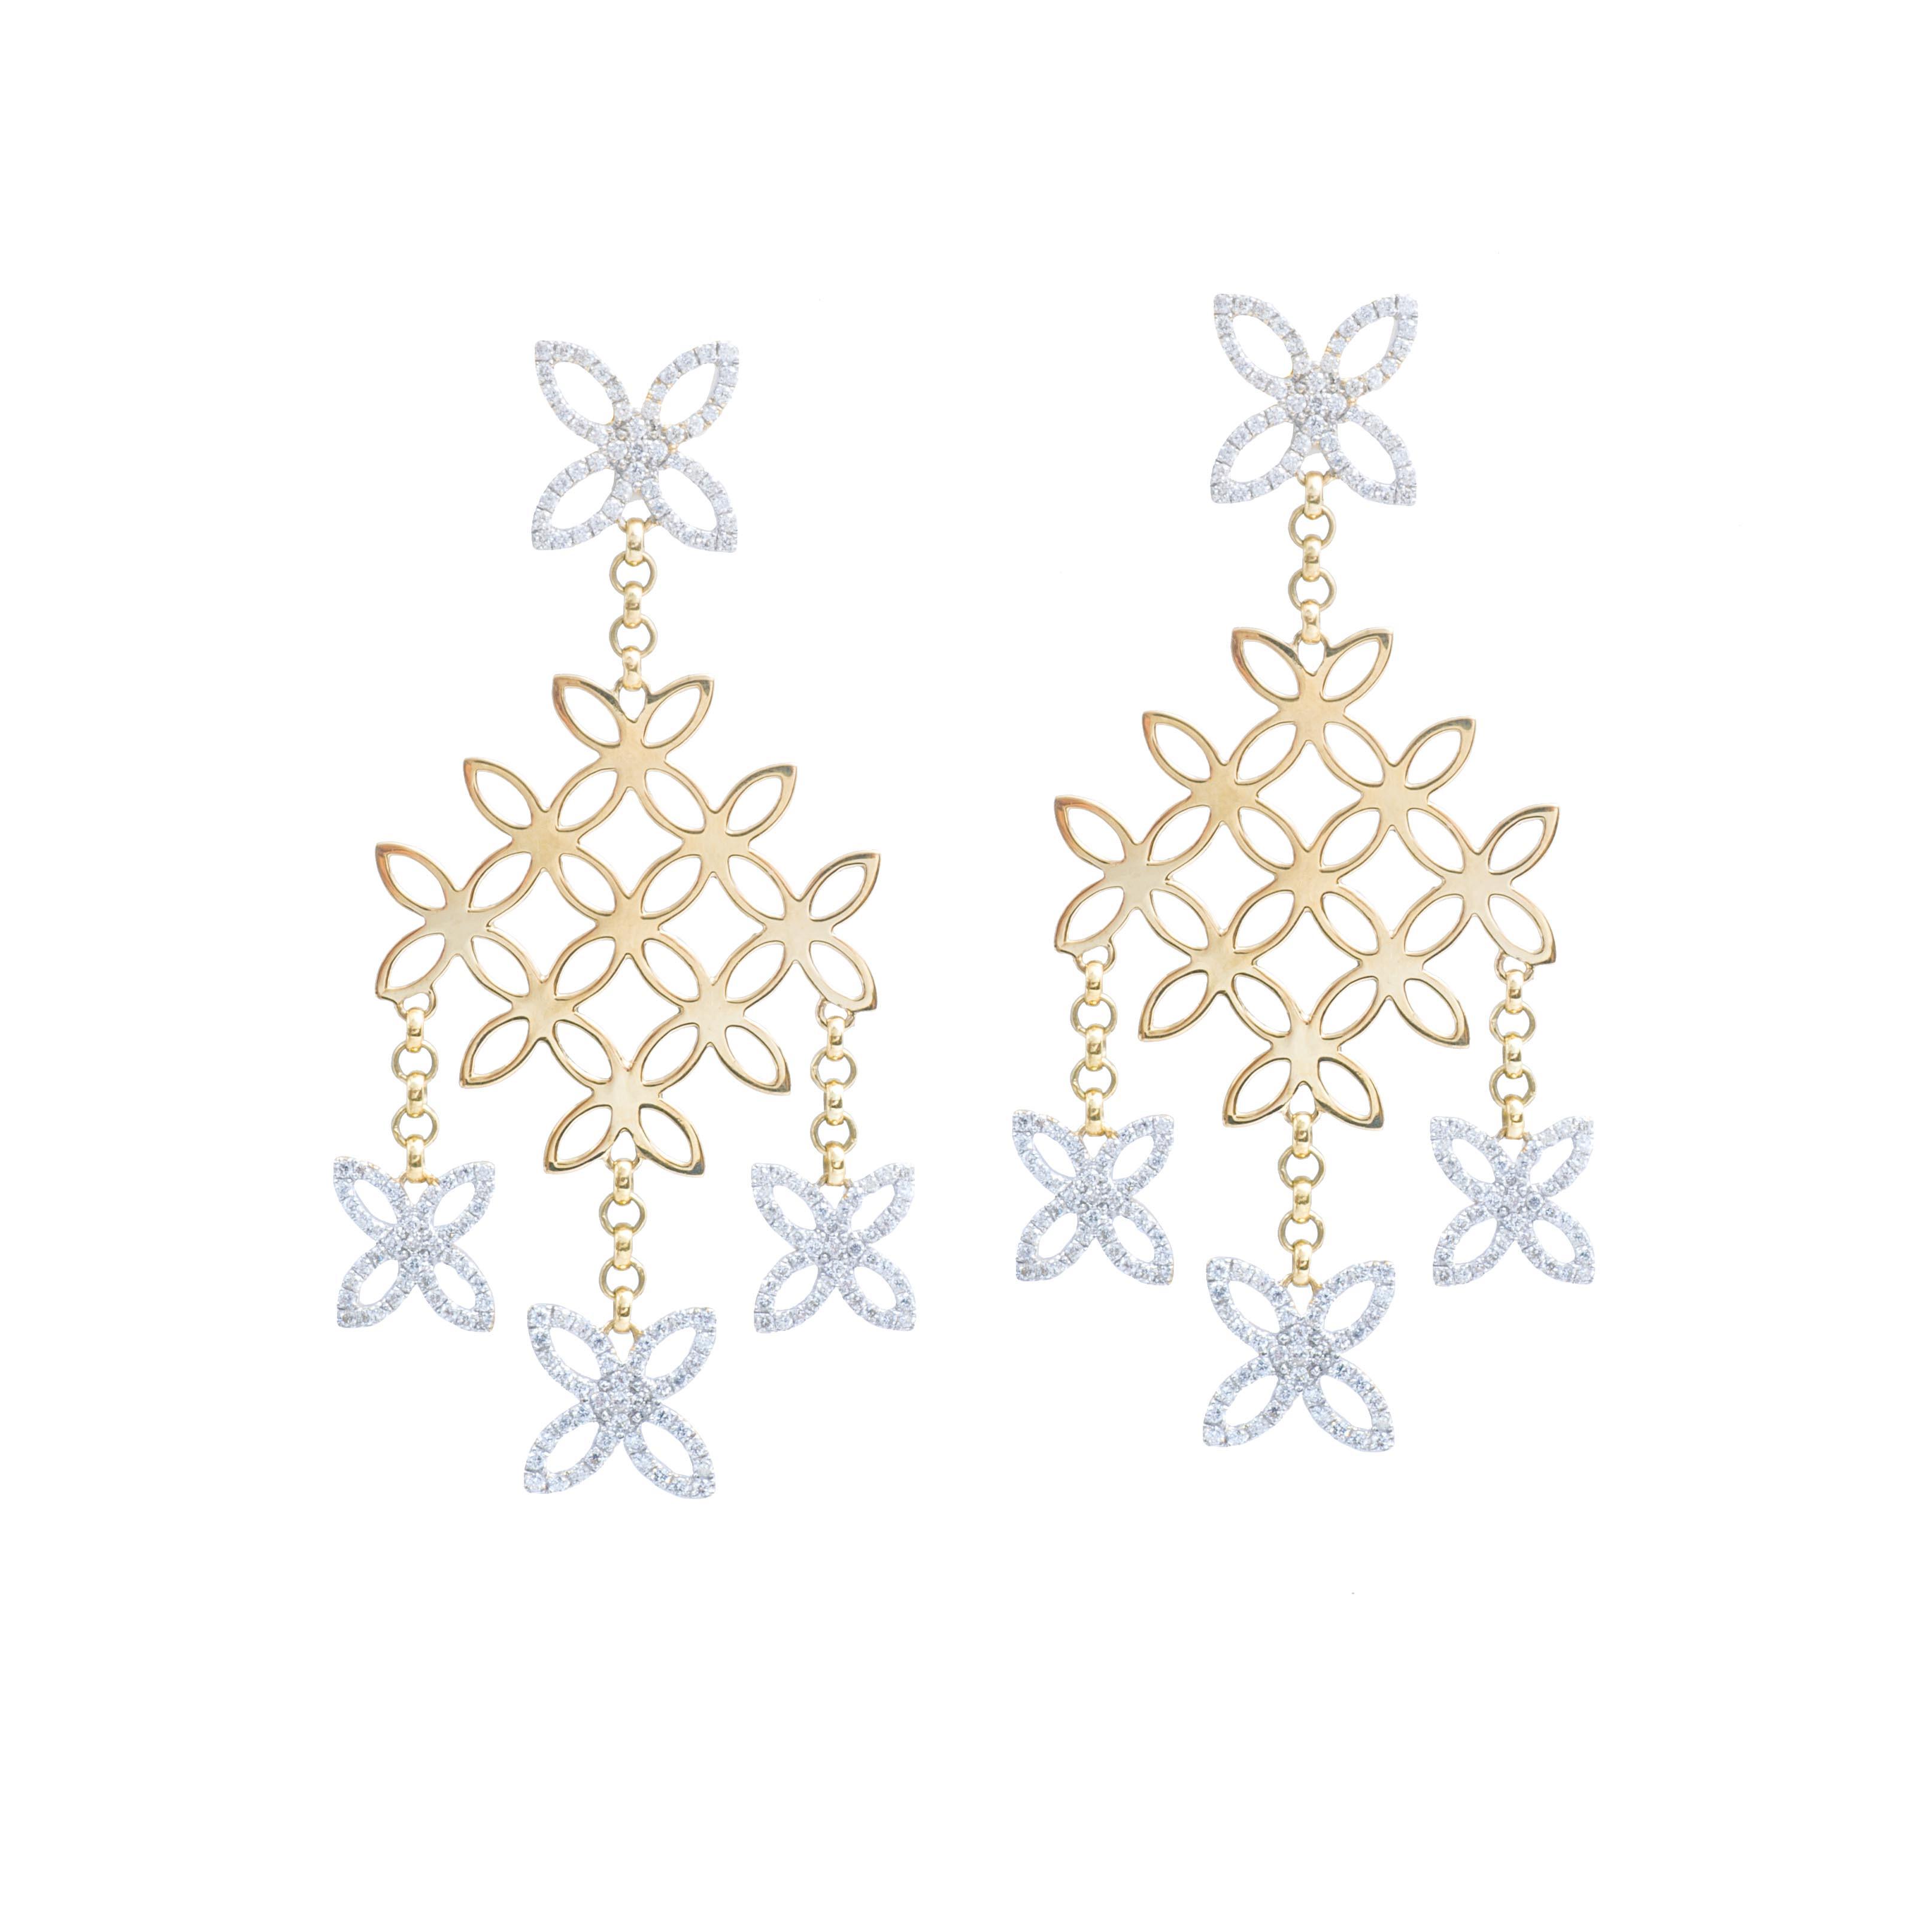 Vinage John Hardy 2.75 CTW Diamond Kawung Chandelier Earrings